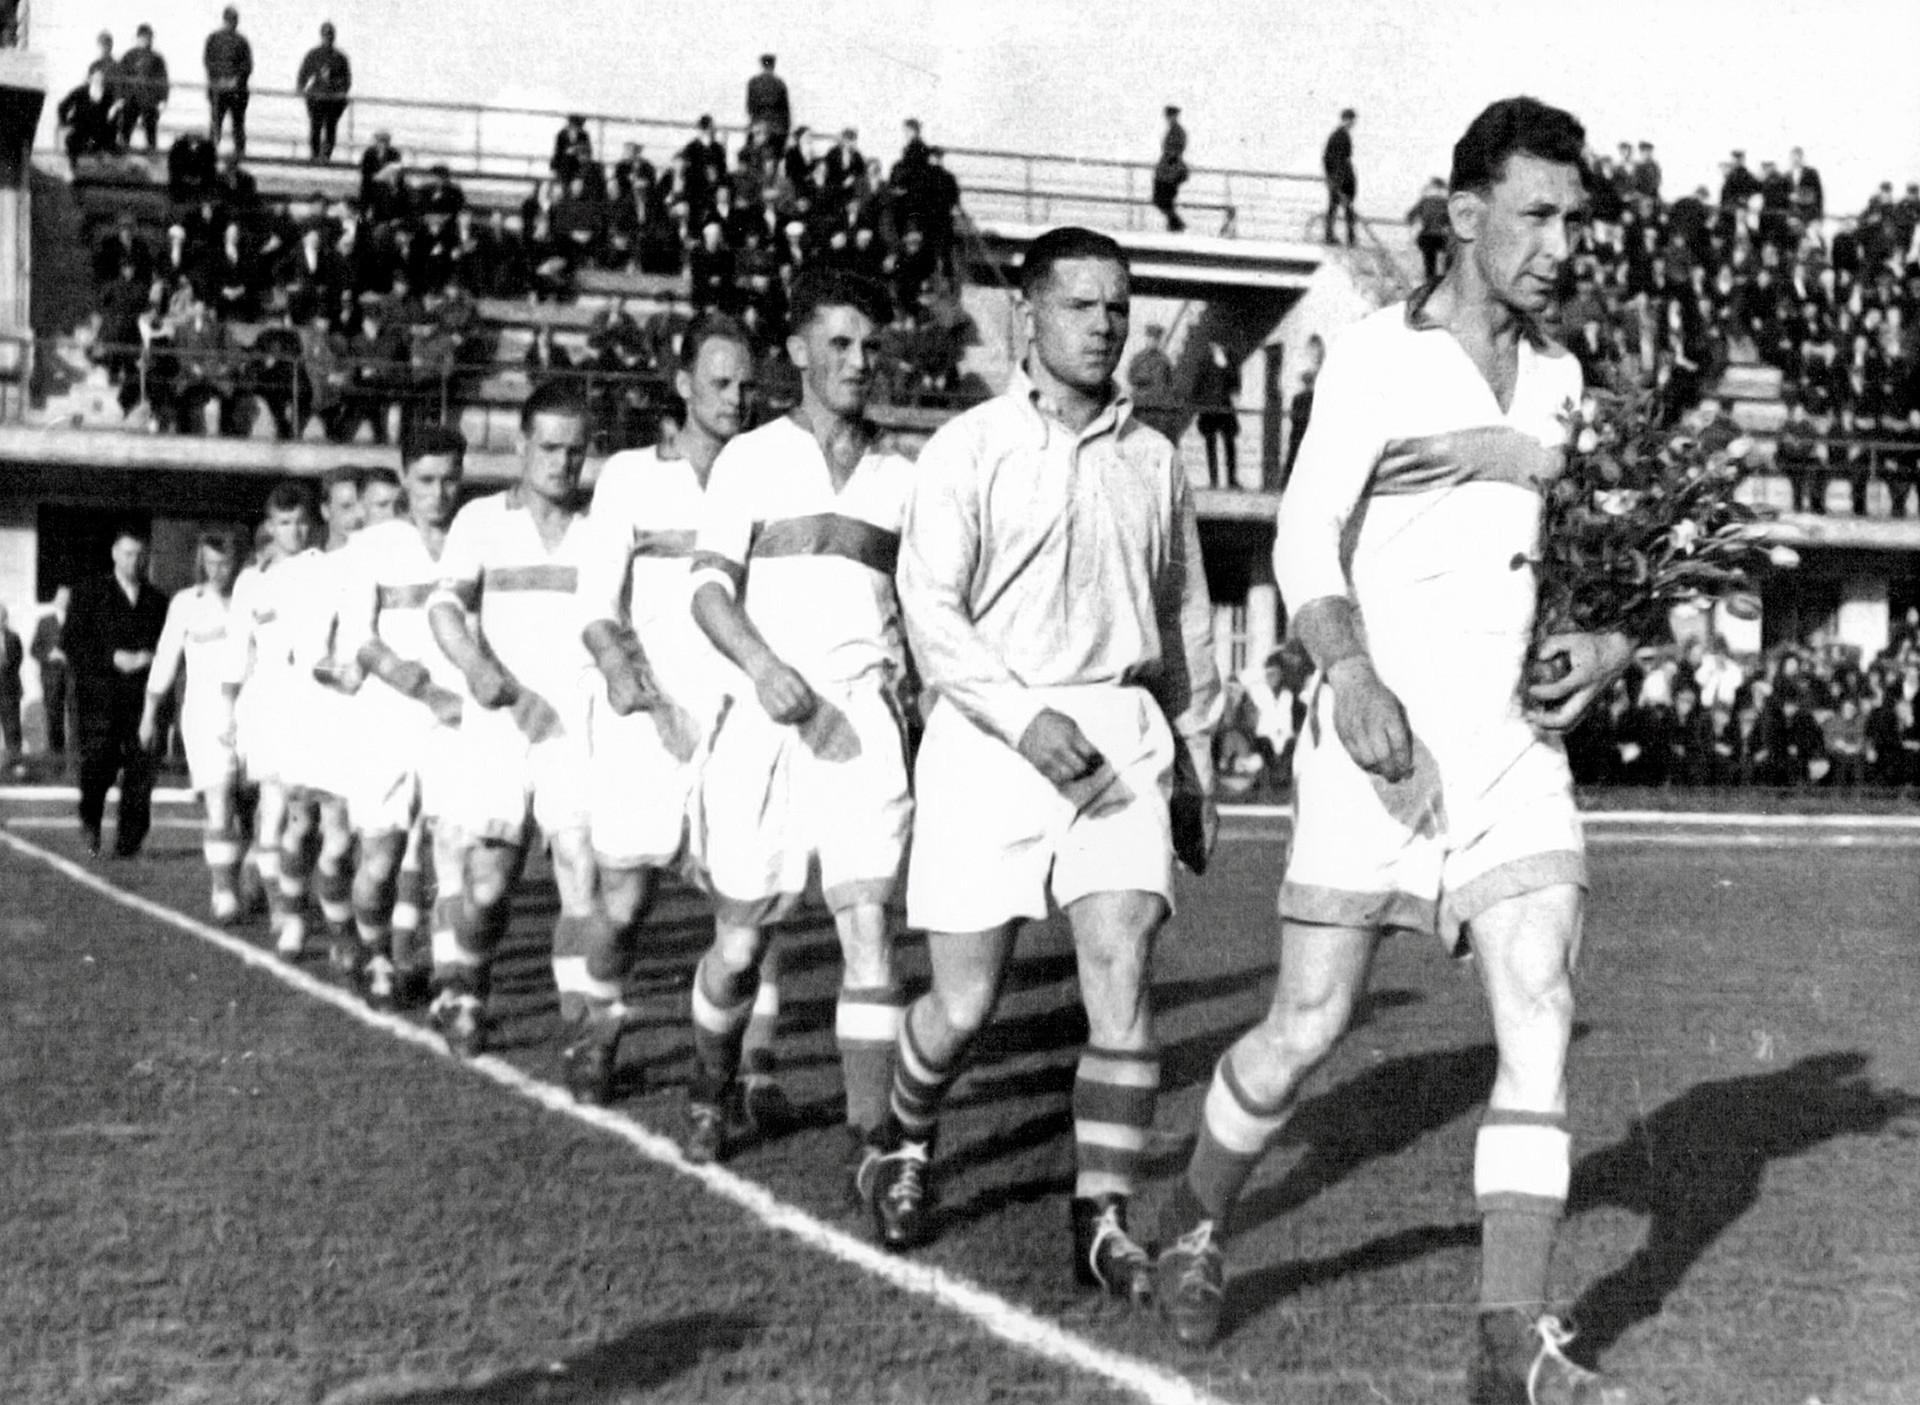 Soviet football